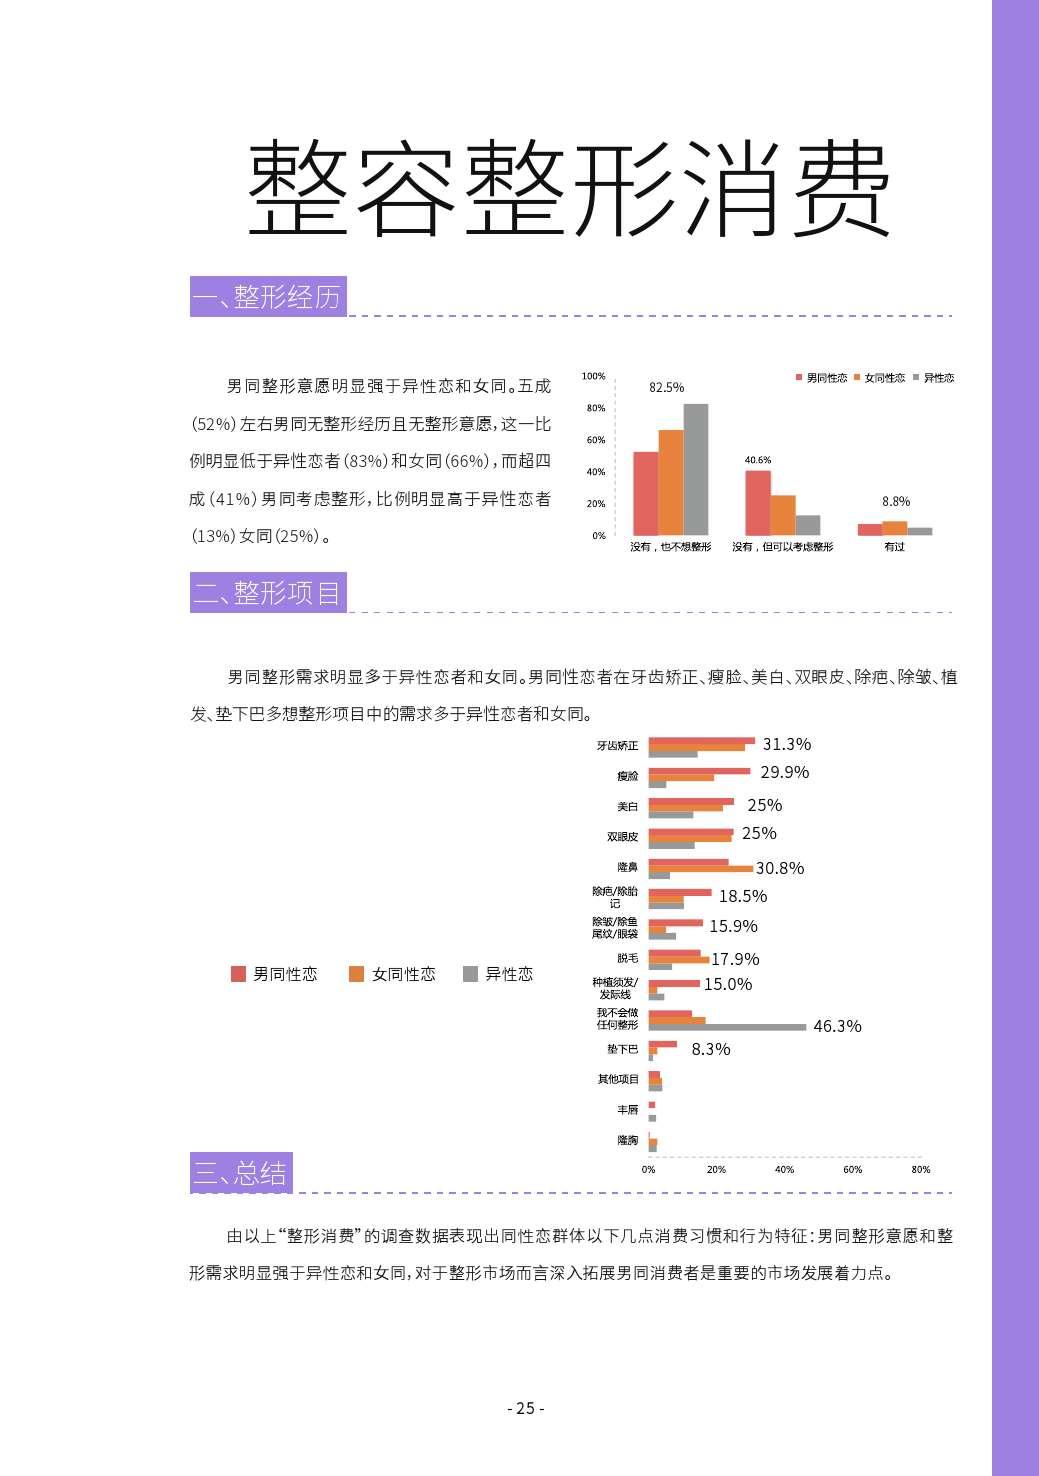 第二届中国LGBT群体消费调查报告_000025